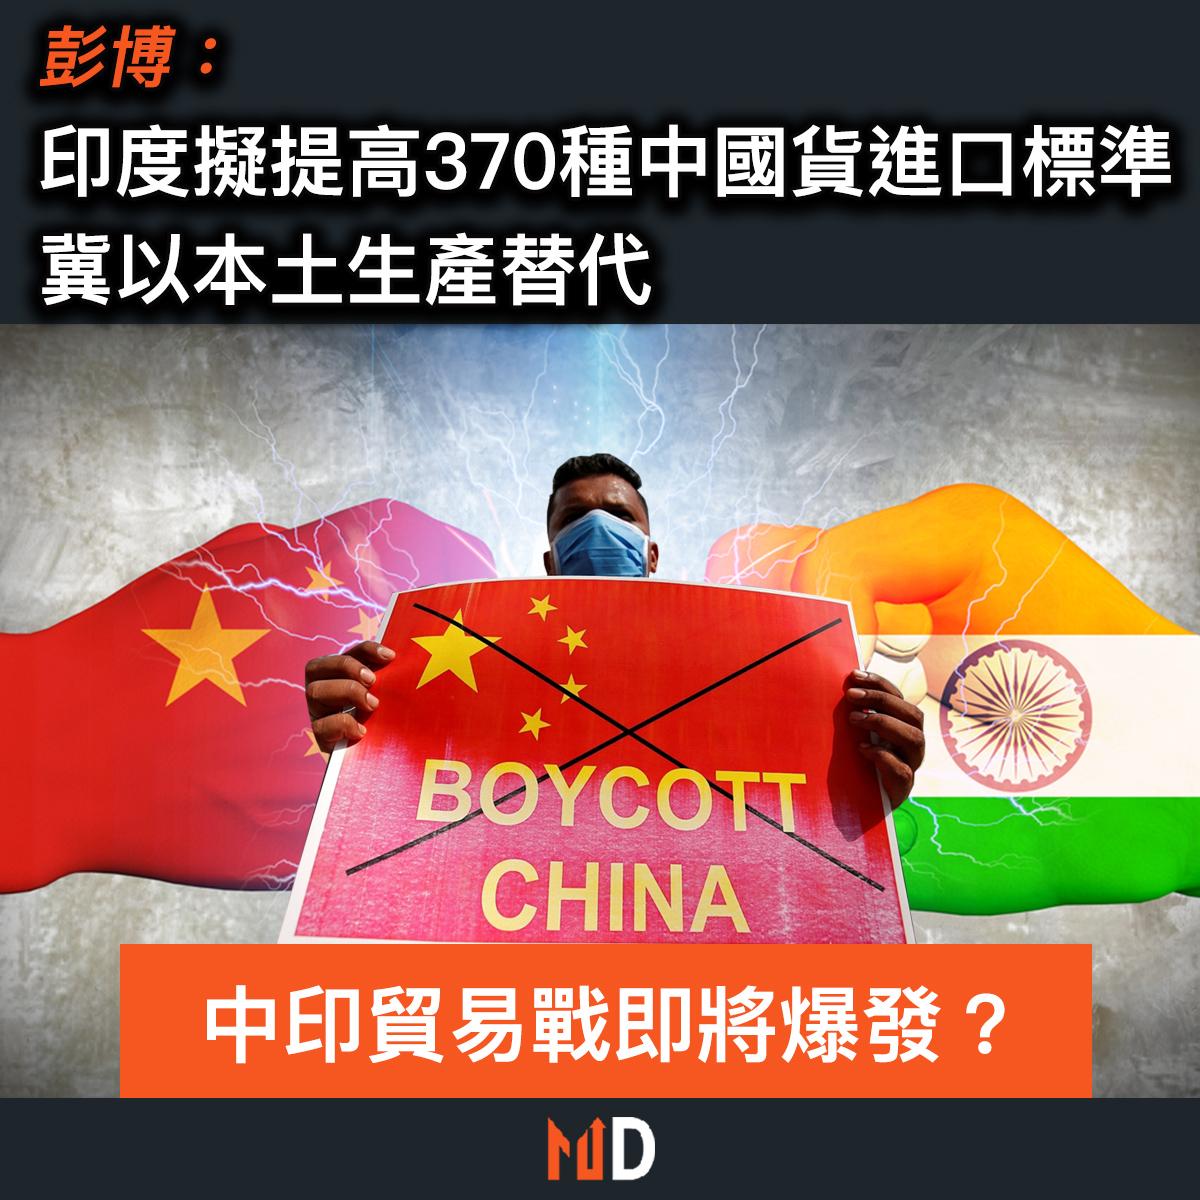 【市場熱話】彭博:印度擬提高370種中國貨進口標準,冀以本土生產替代